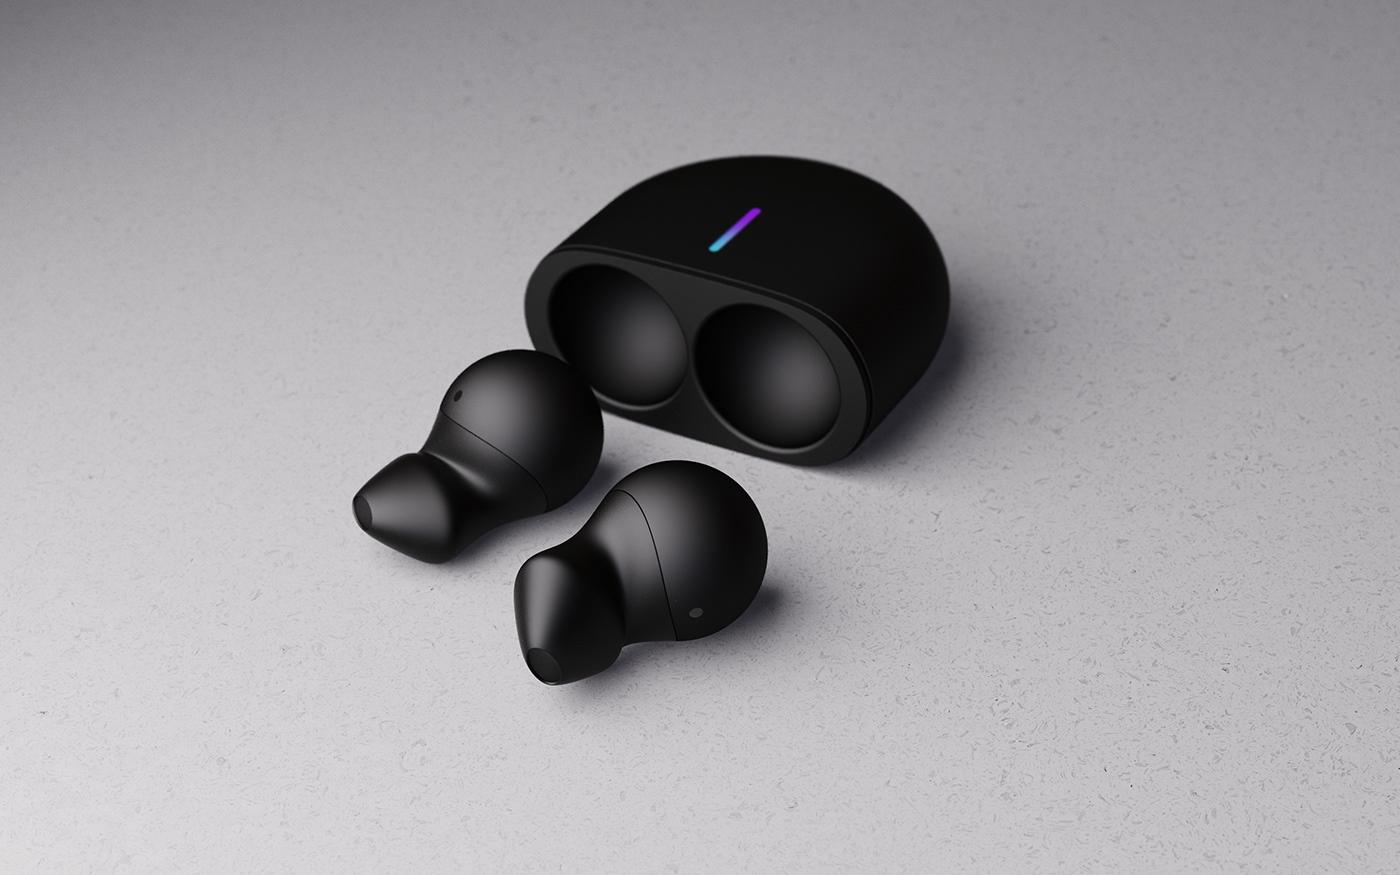 Nike bang and olufsen Fuelpod fuel band Fuel pod dtvdesign keyshot sport design ai Service design